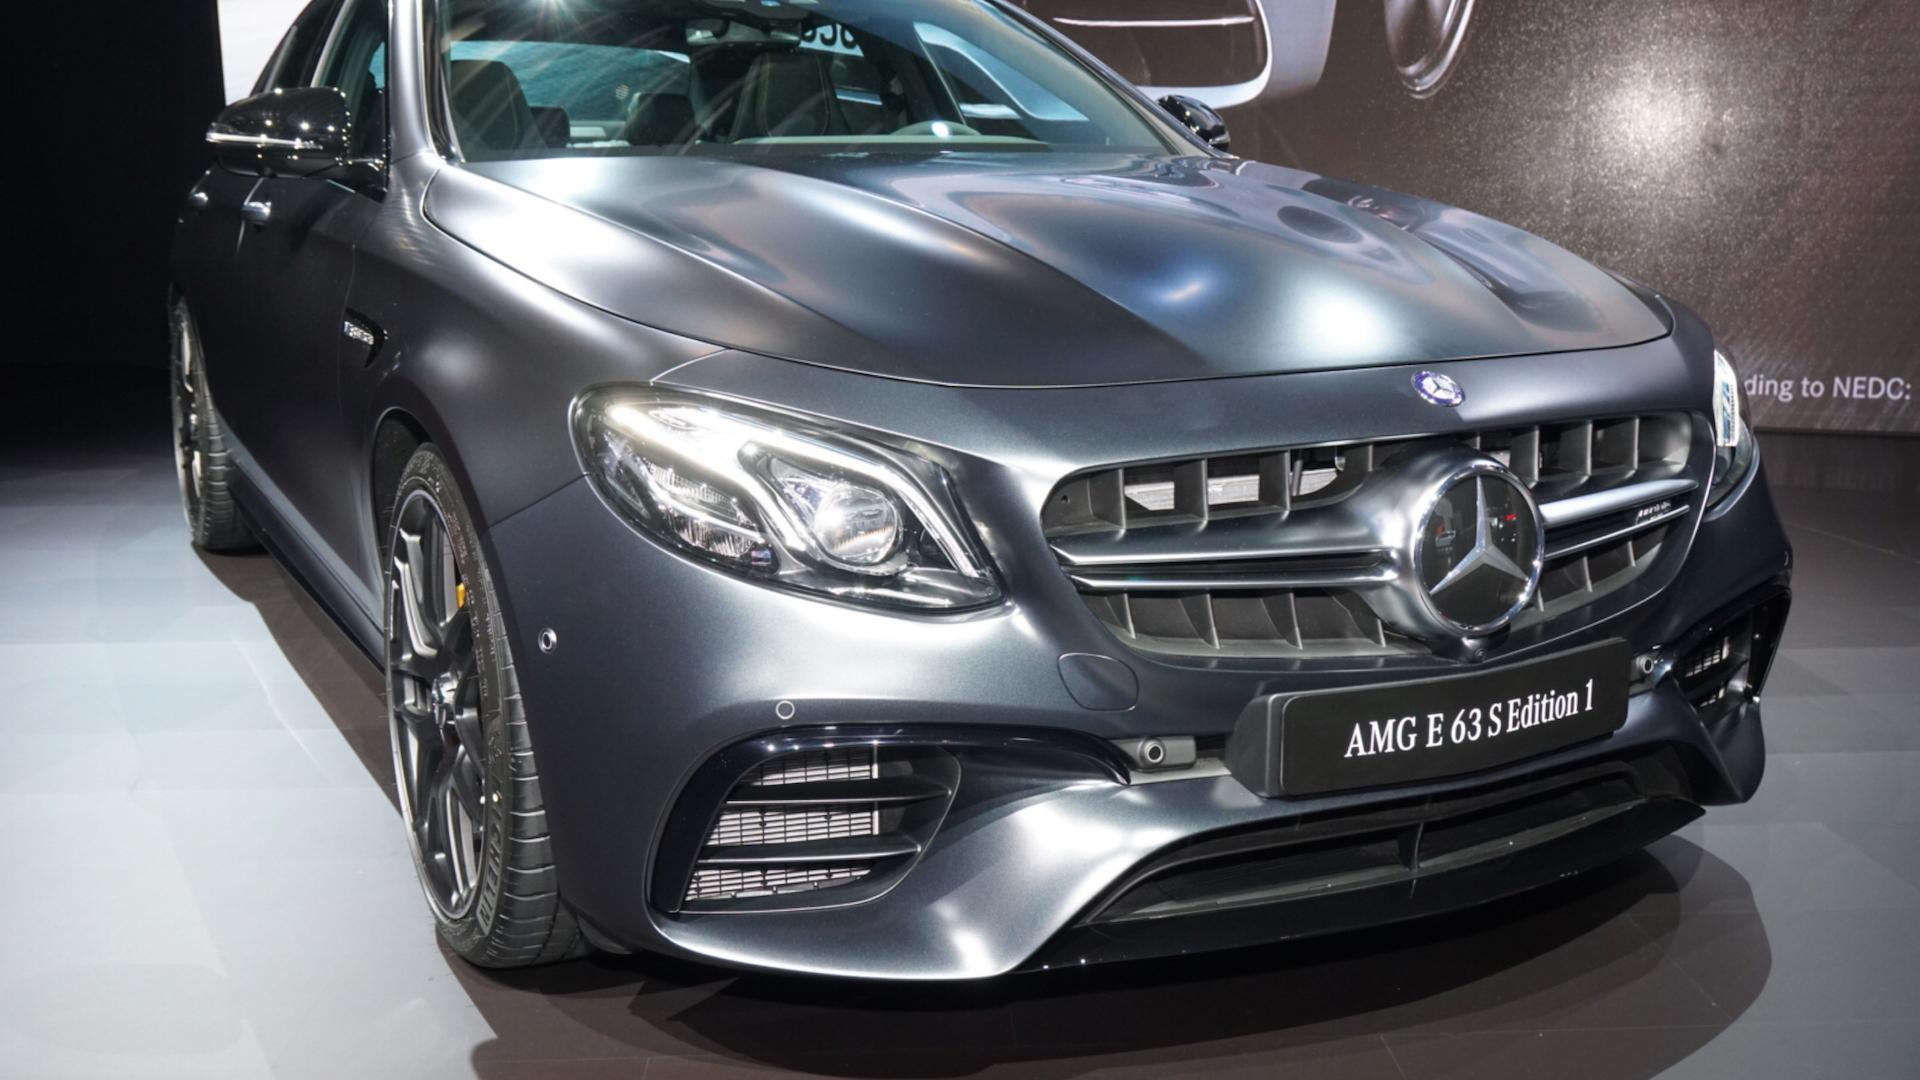 2017 Mercedes-Benz E63 AMG